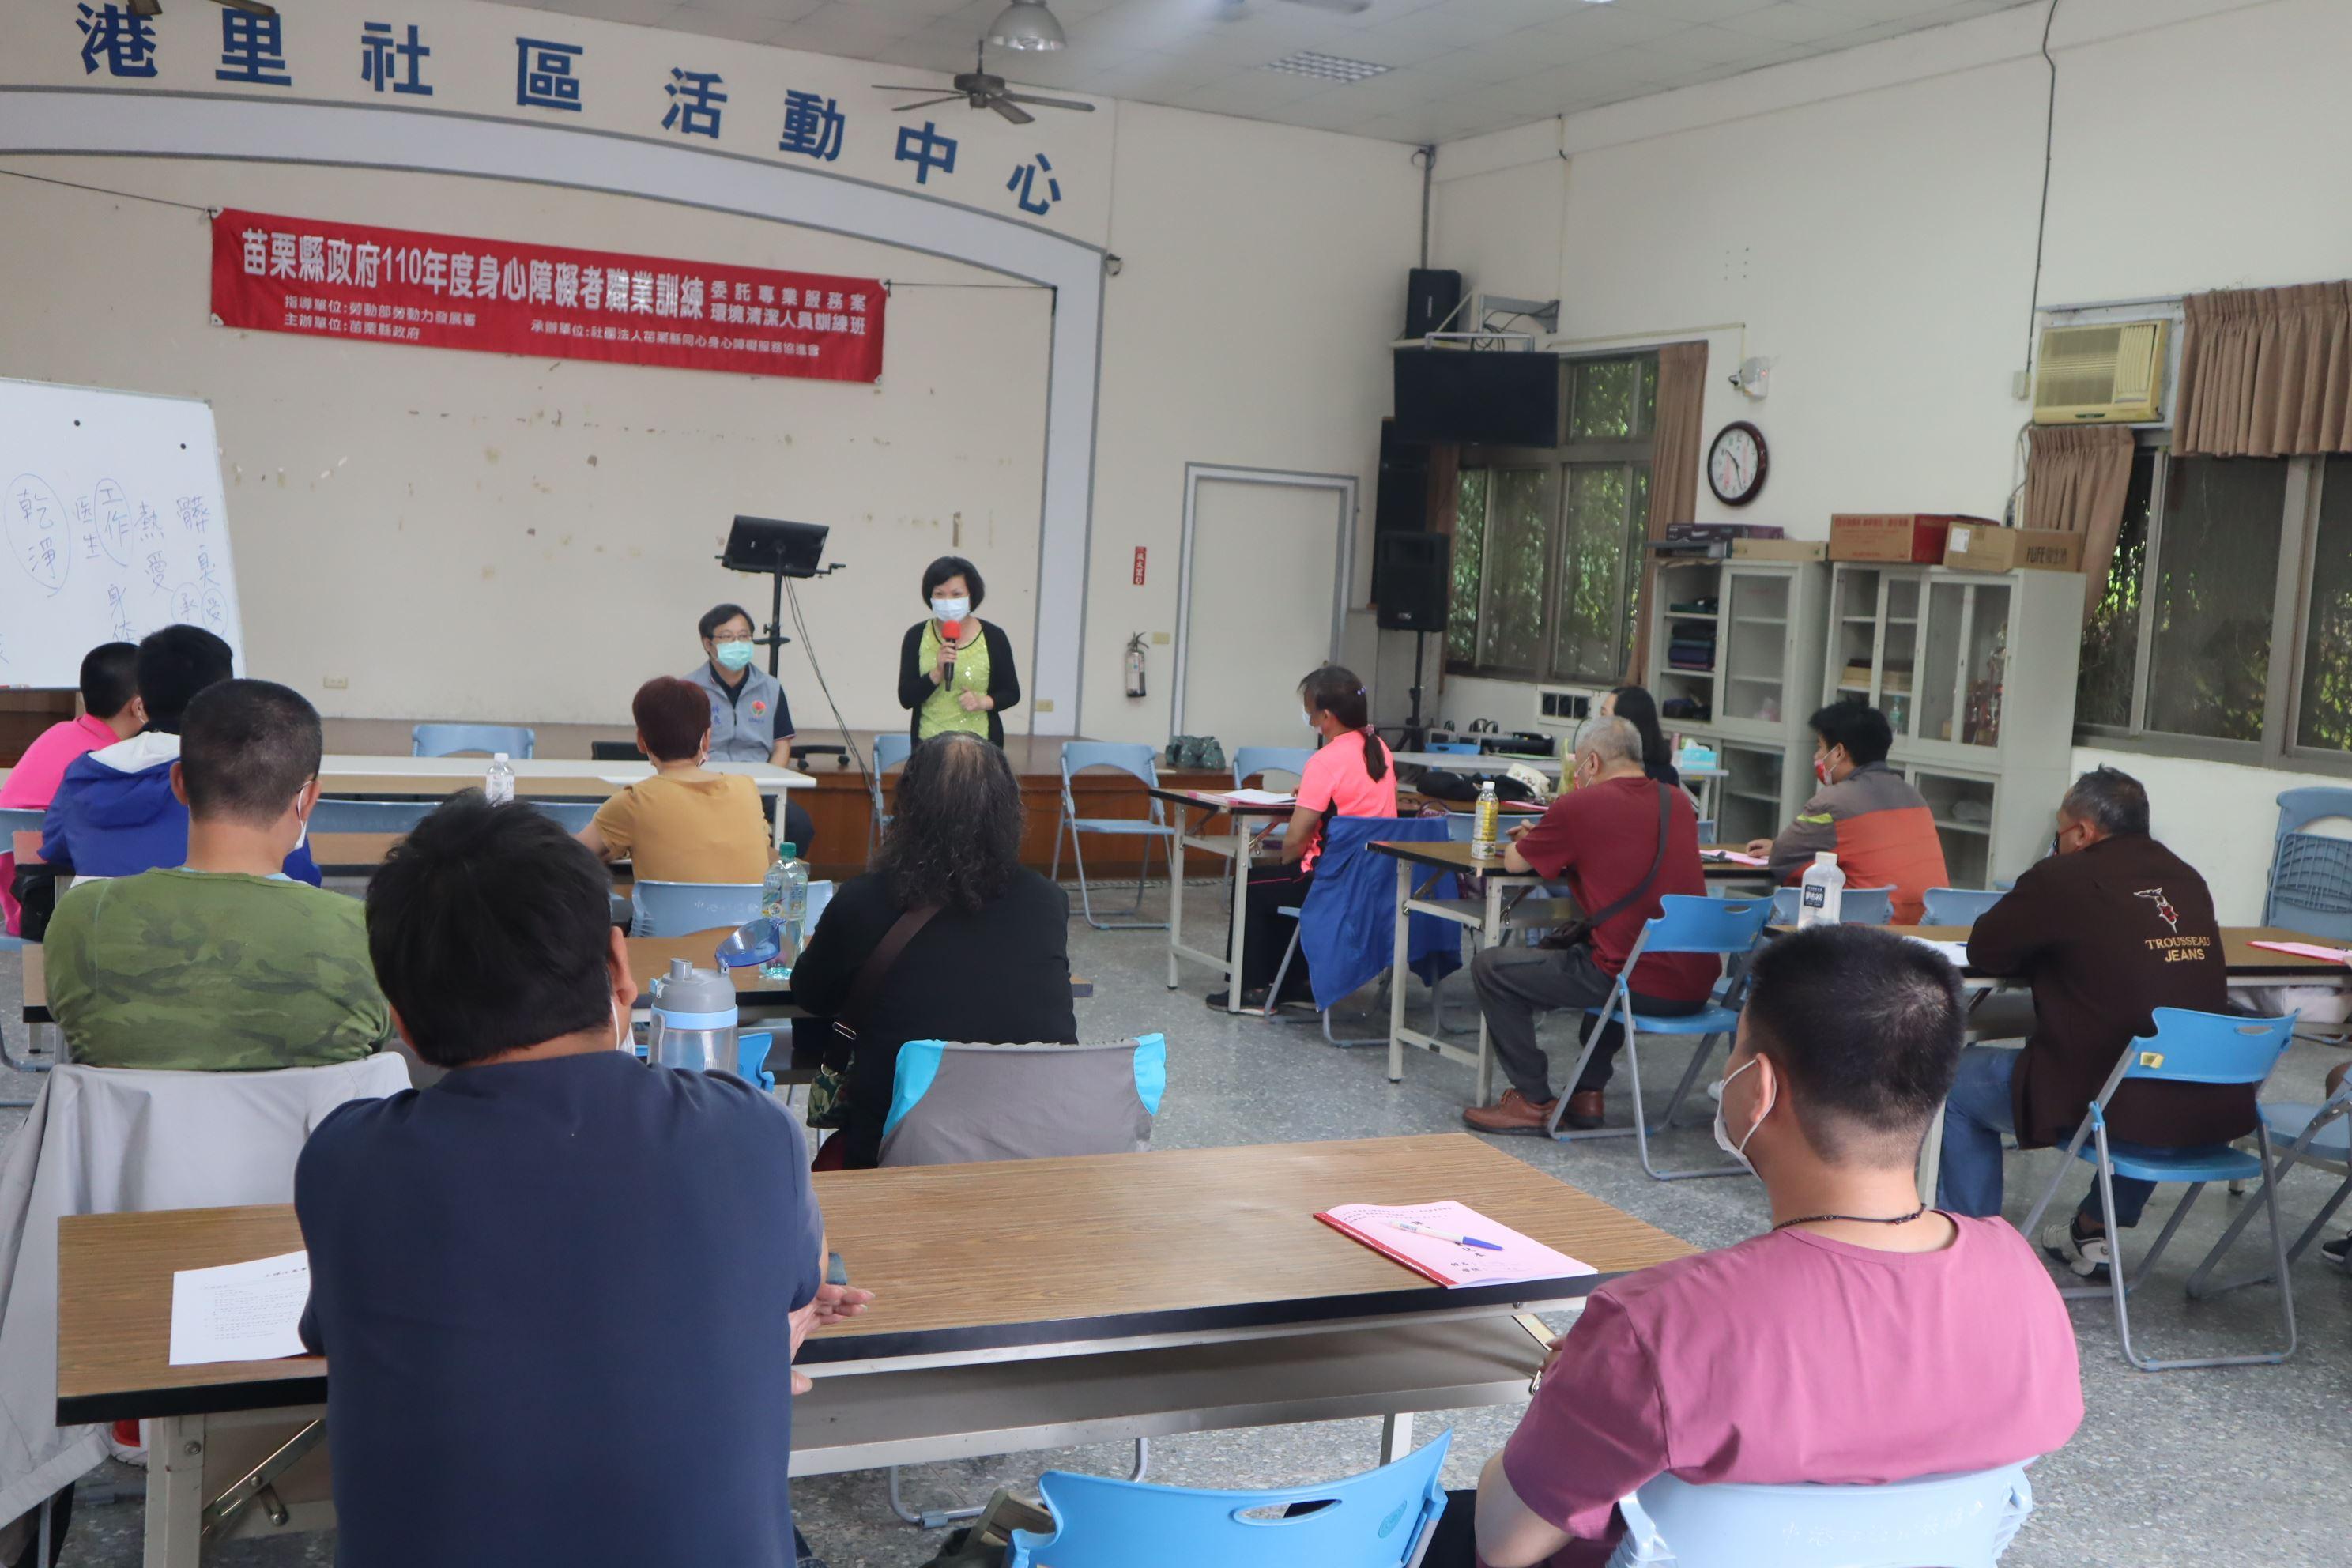 110年身障職訓-清潔班開訓照片4